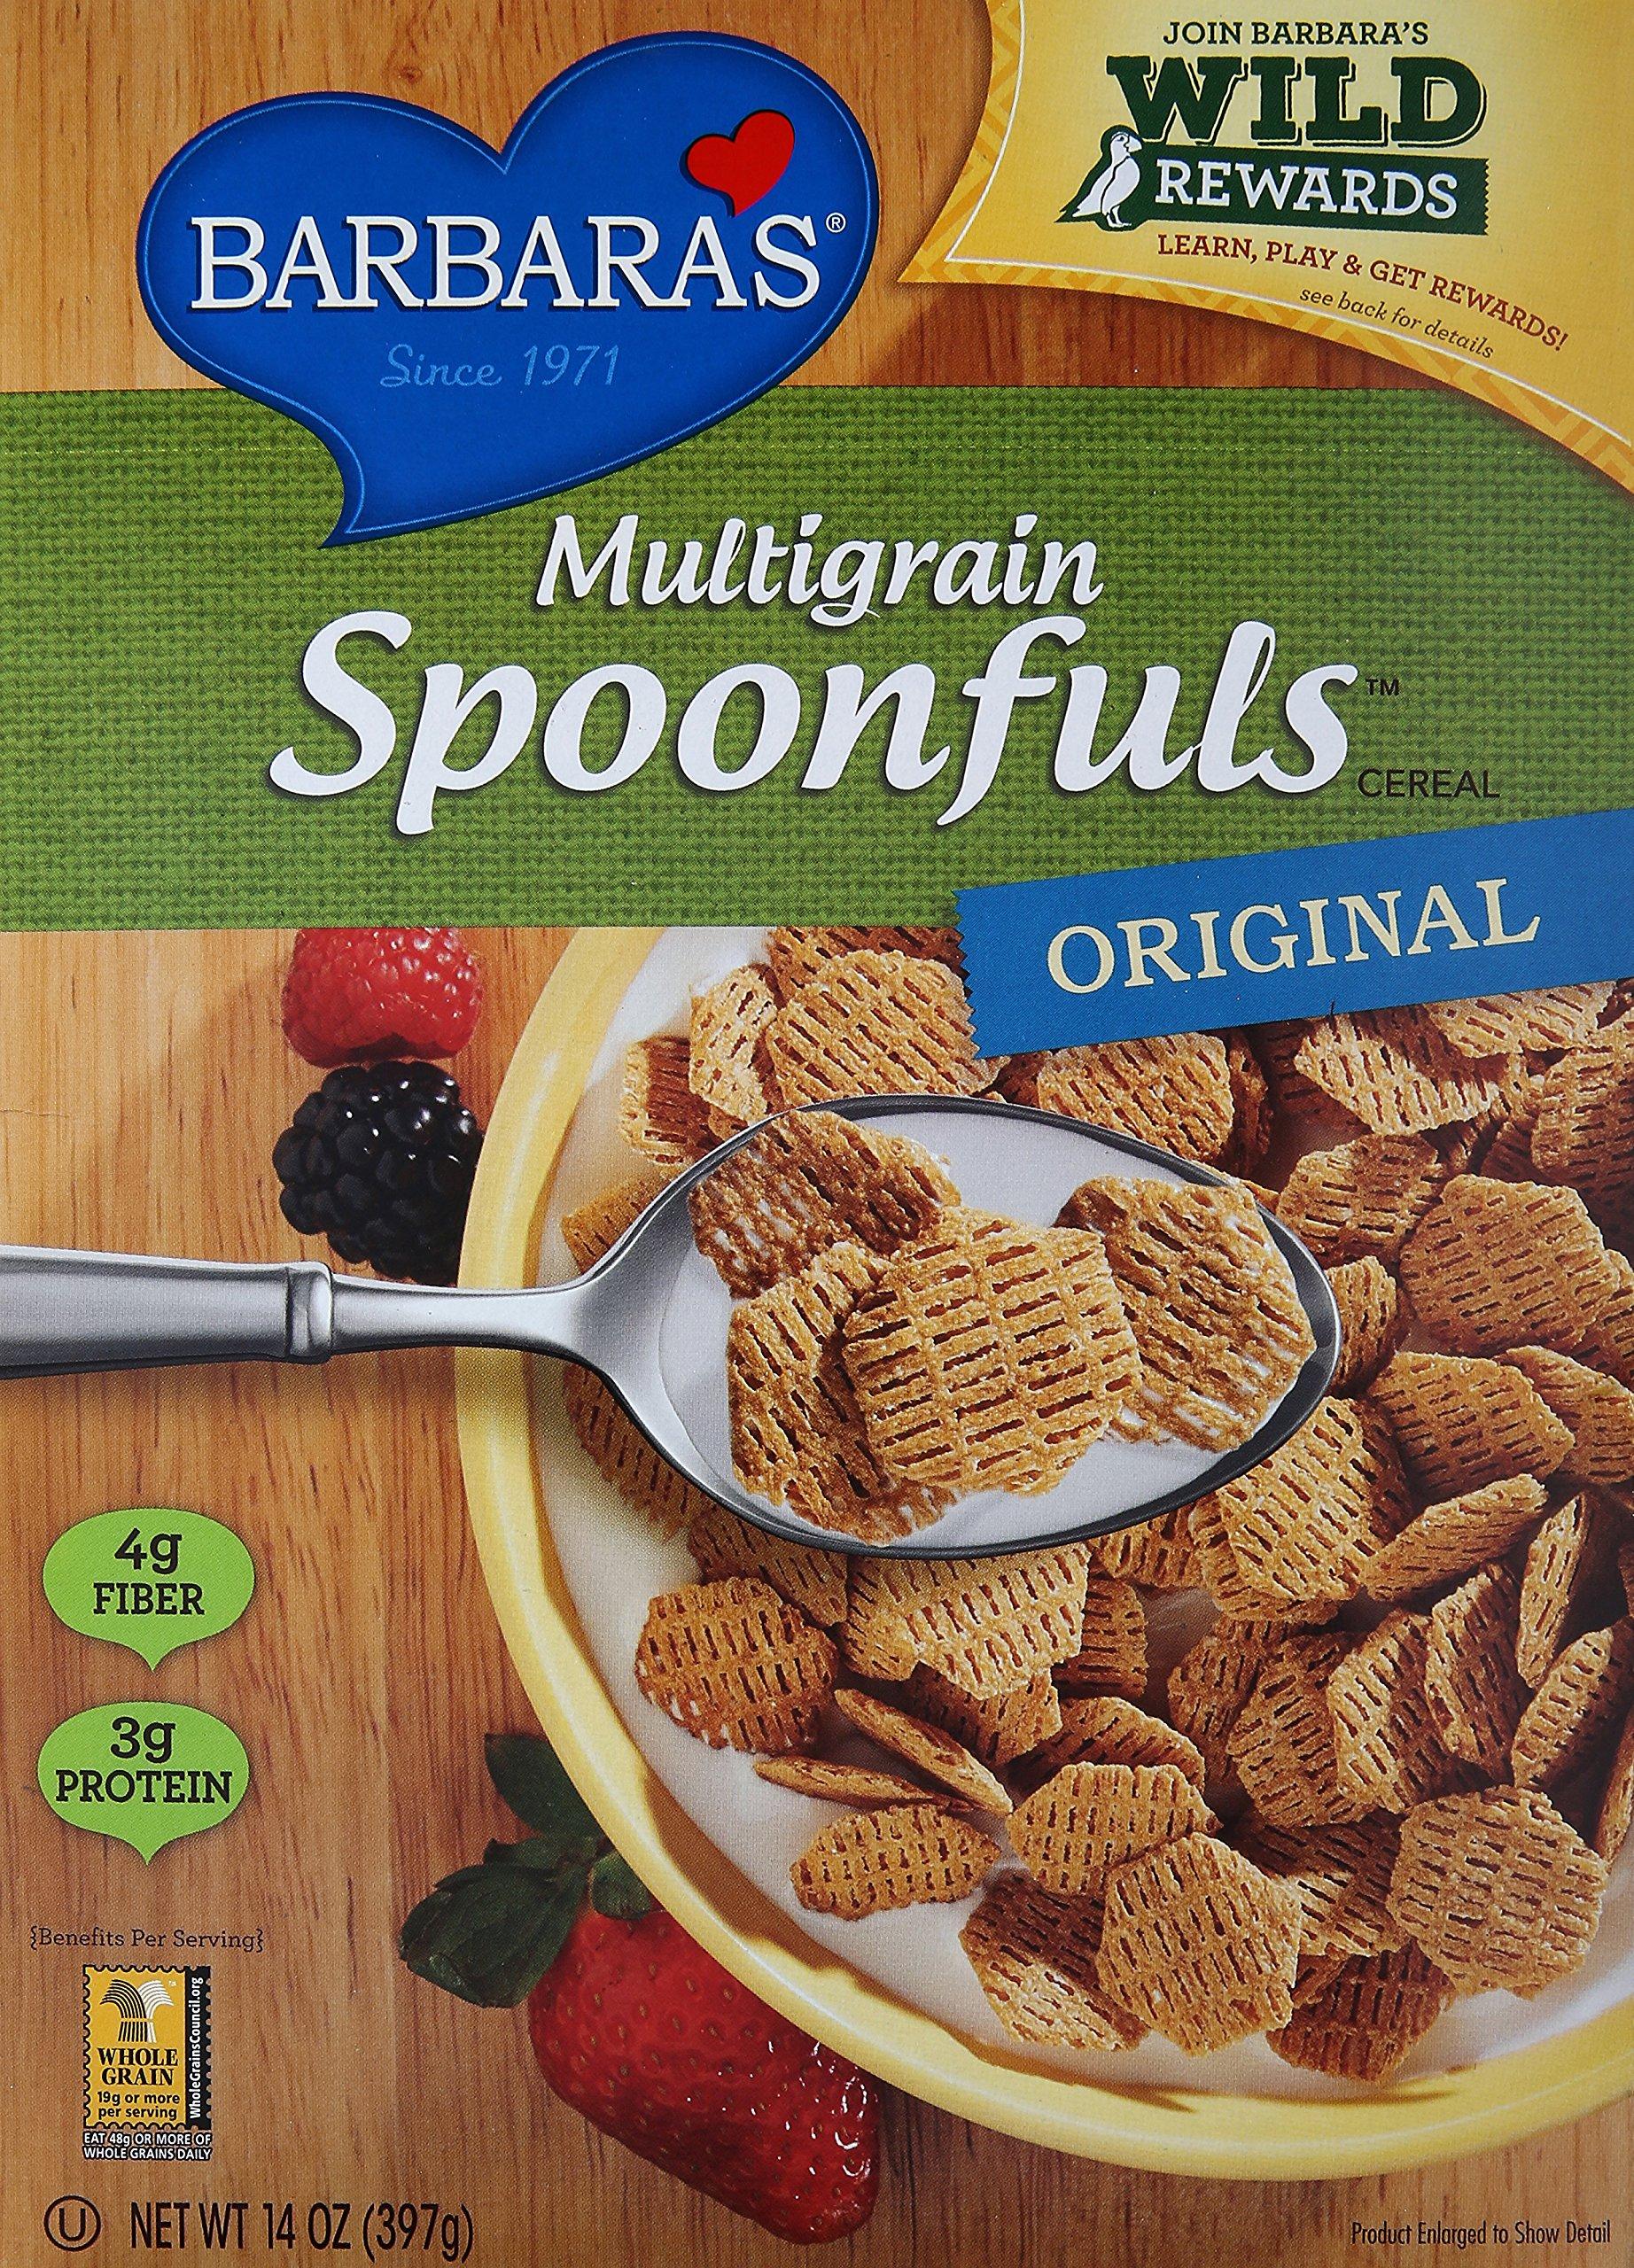 Barbara's Multigrain Spoonfuls Cereal, 14 oz